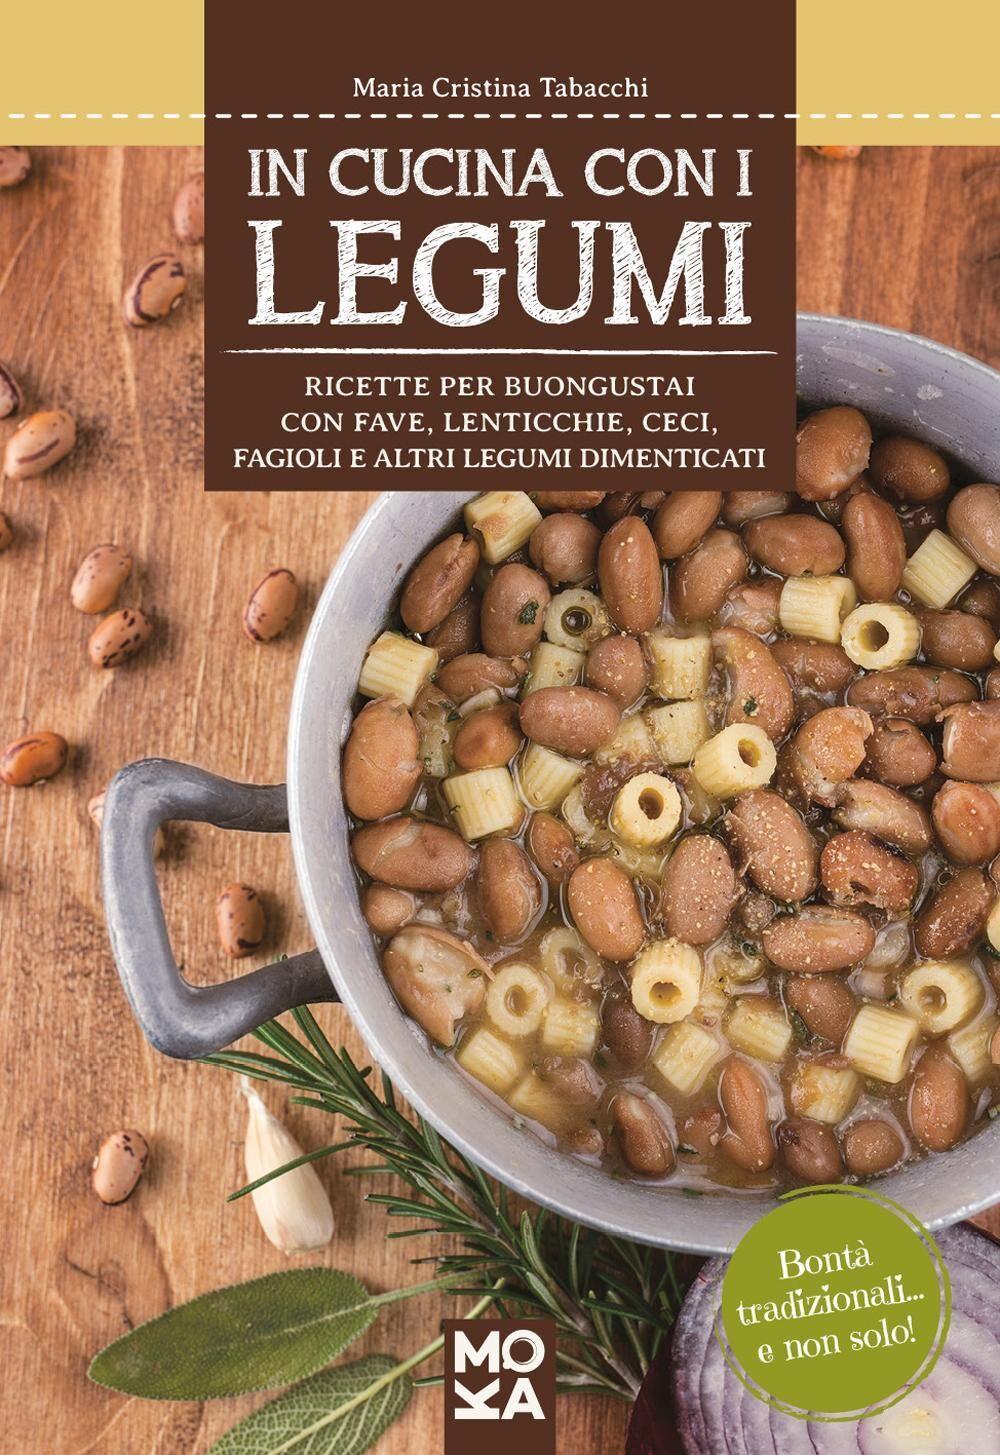 In cucina con i legumi. Ricette per buongustai con fave, lenticchie, ceci, fagioli e altri legumi dimenticati